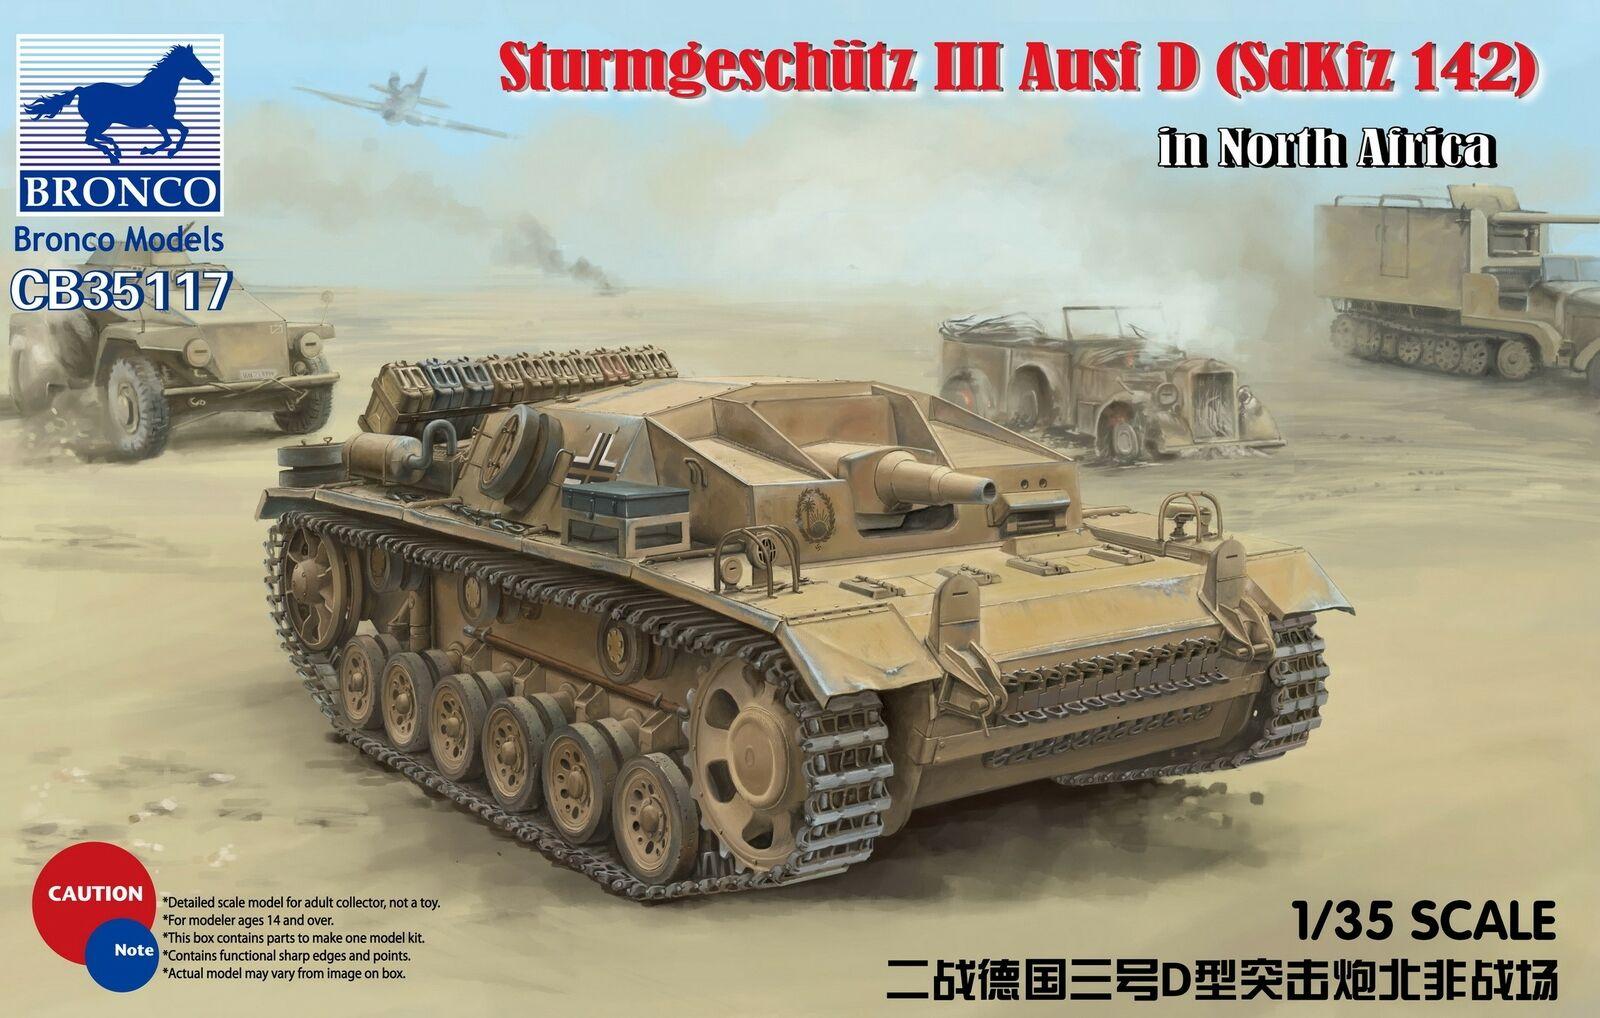 Bronco 1 35  Sturmgeschutz III Ausf D (SdKfz 142) in El Alamein CB35117